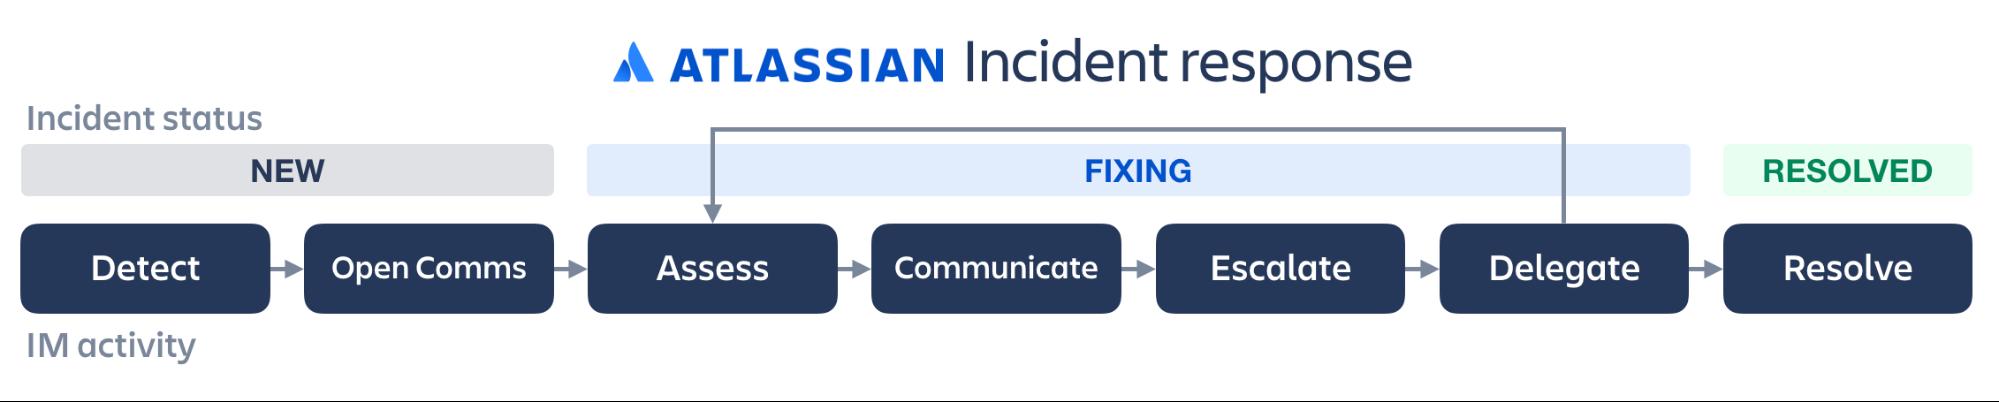 Illustration zur Incident Response: Erkennung, Öffnen der Kommunikation, Bewertung, Kommunikation, Eskalation, Delegierung, Behebung